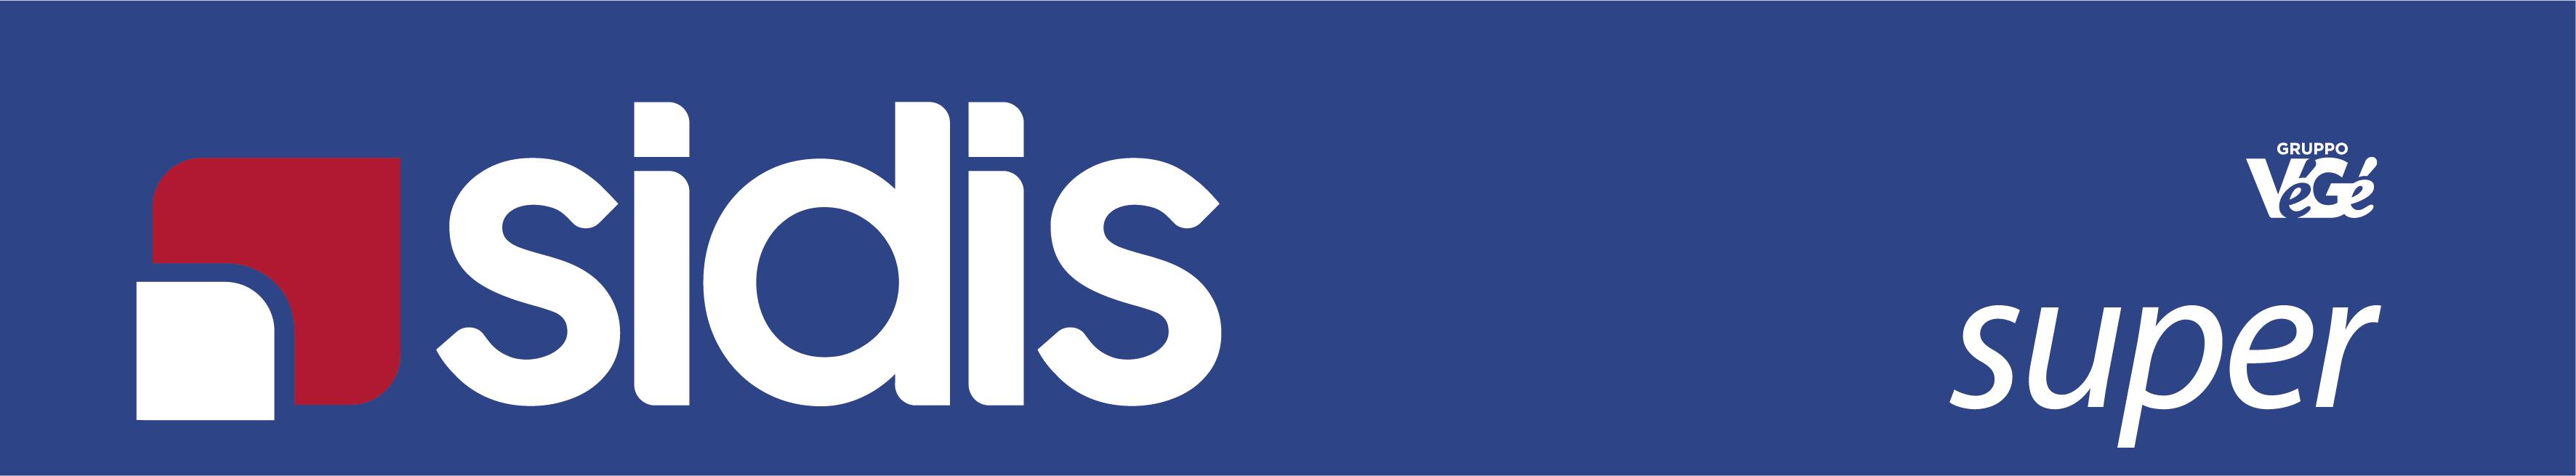 Logo Sidis super GDO (Grande Distribuzione Organizzata)